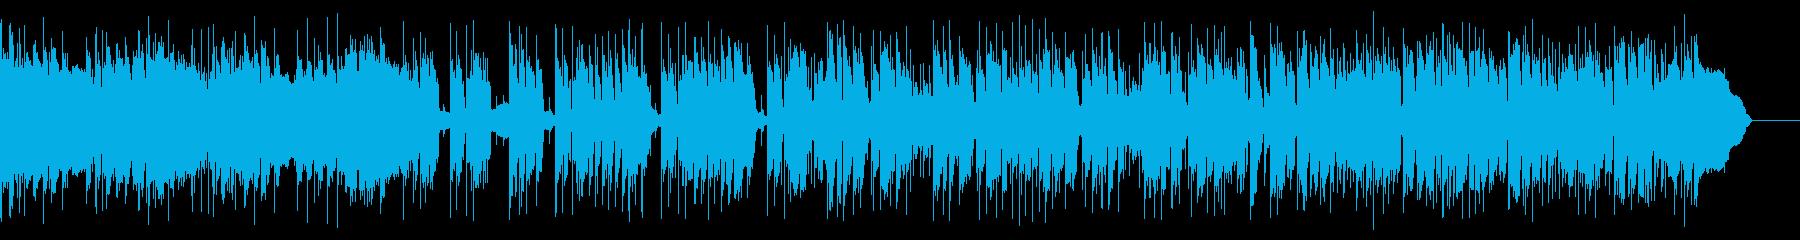 ベースをメインにしたポップスの再生済みの波形